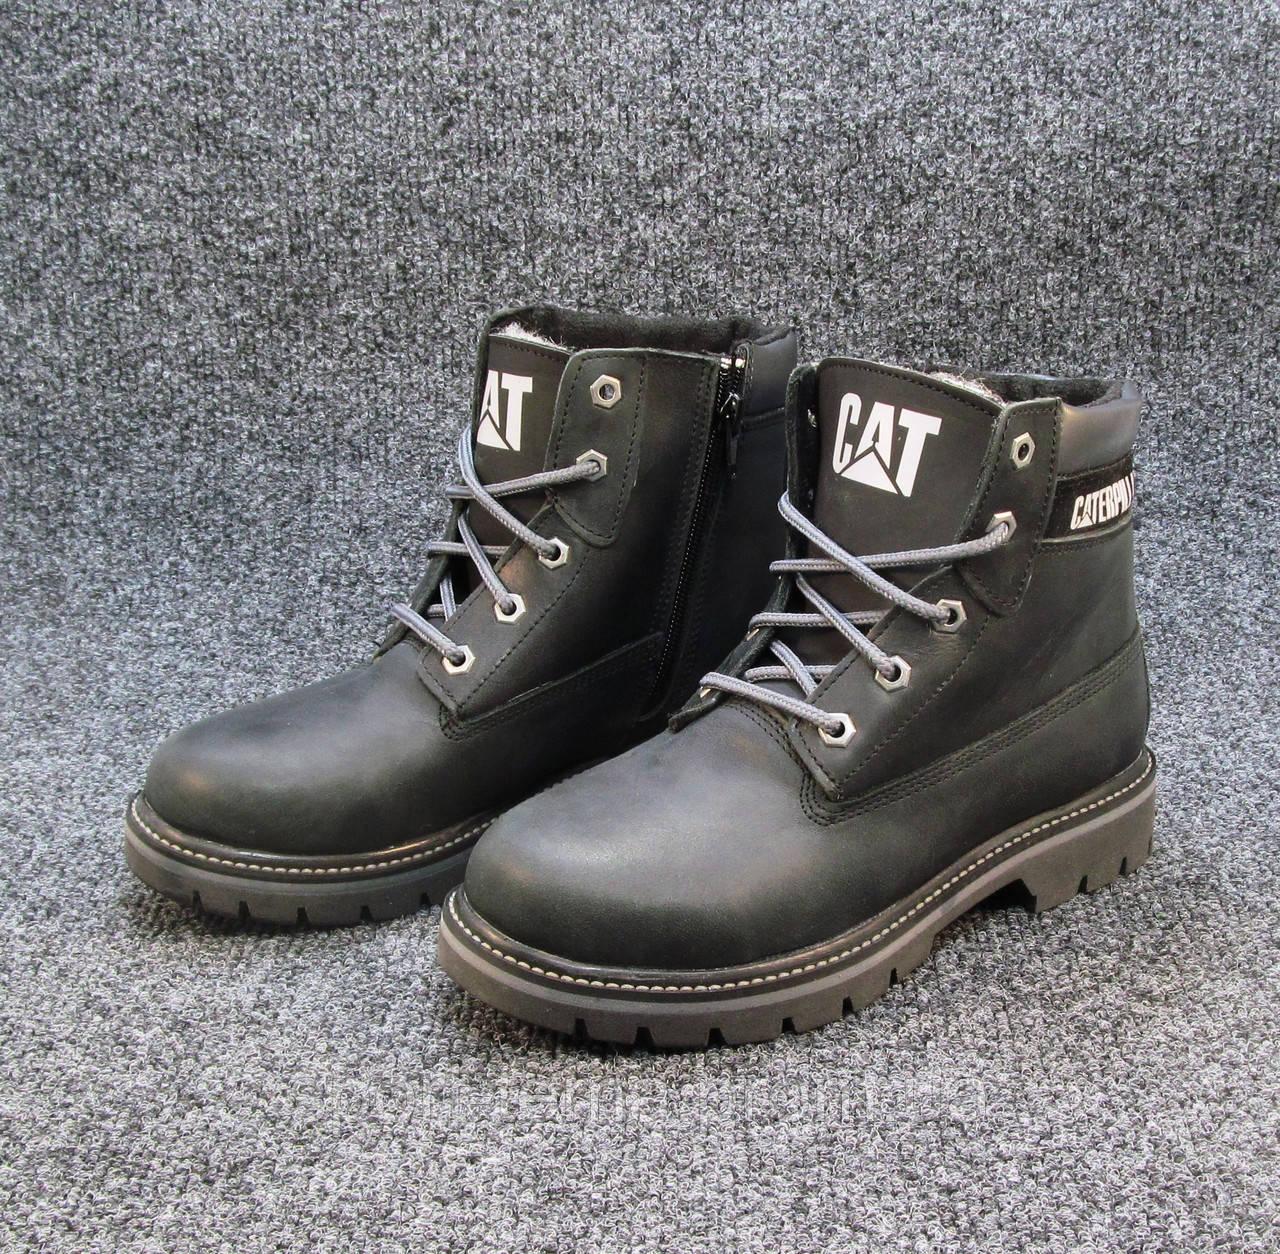 feabb9f14 Ботинки Caterpillar кожаные с мехом черные унисекс (р.36,37,38,39 ...